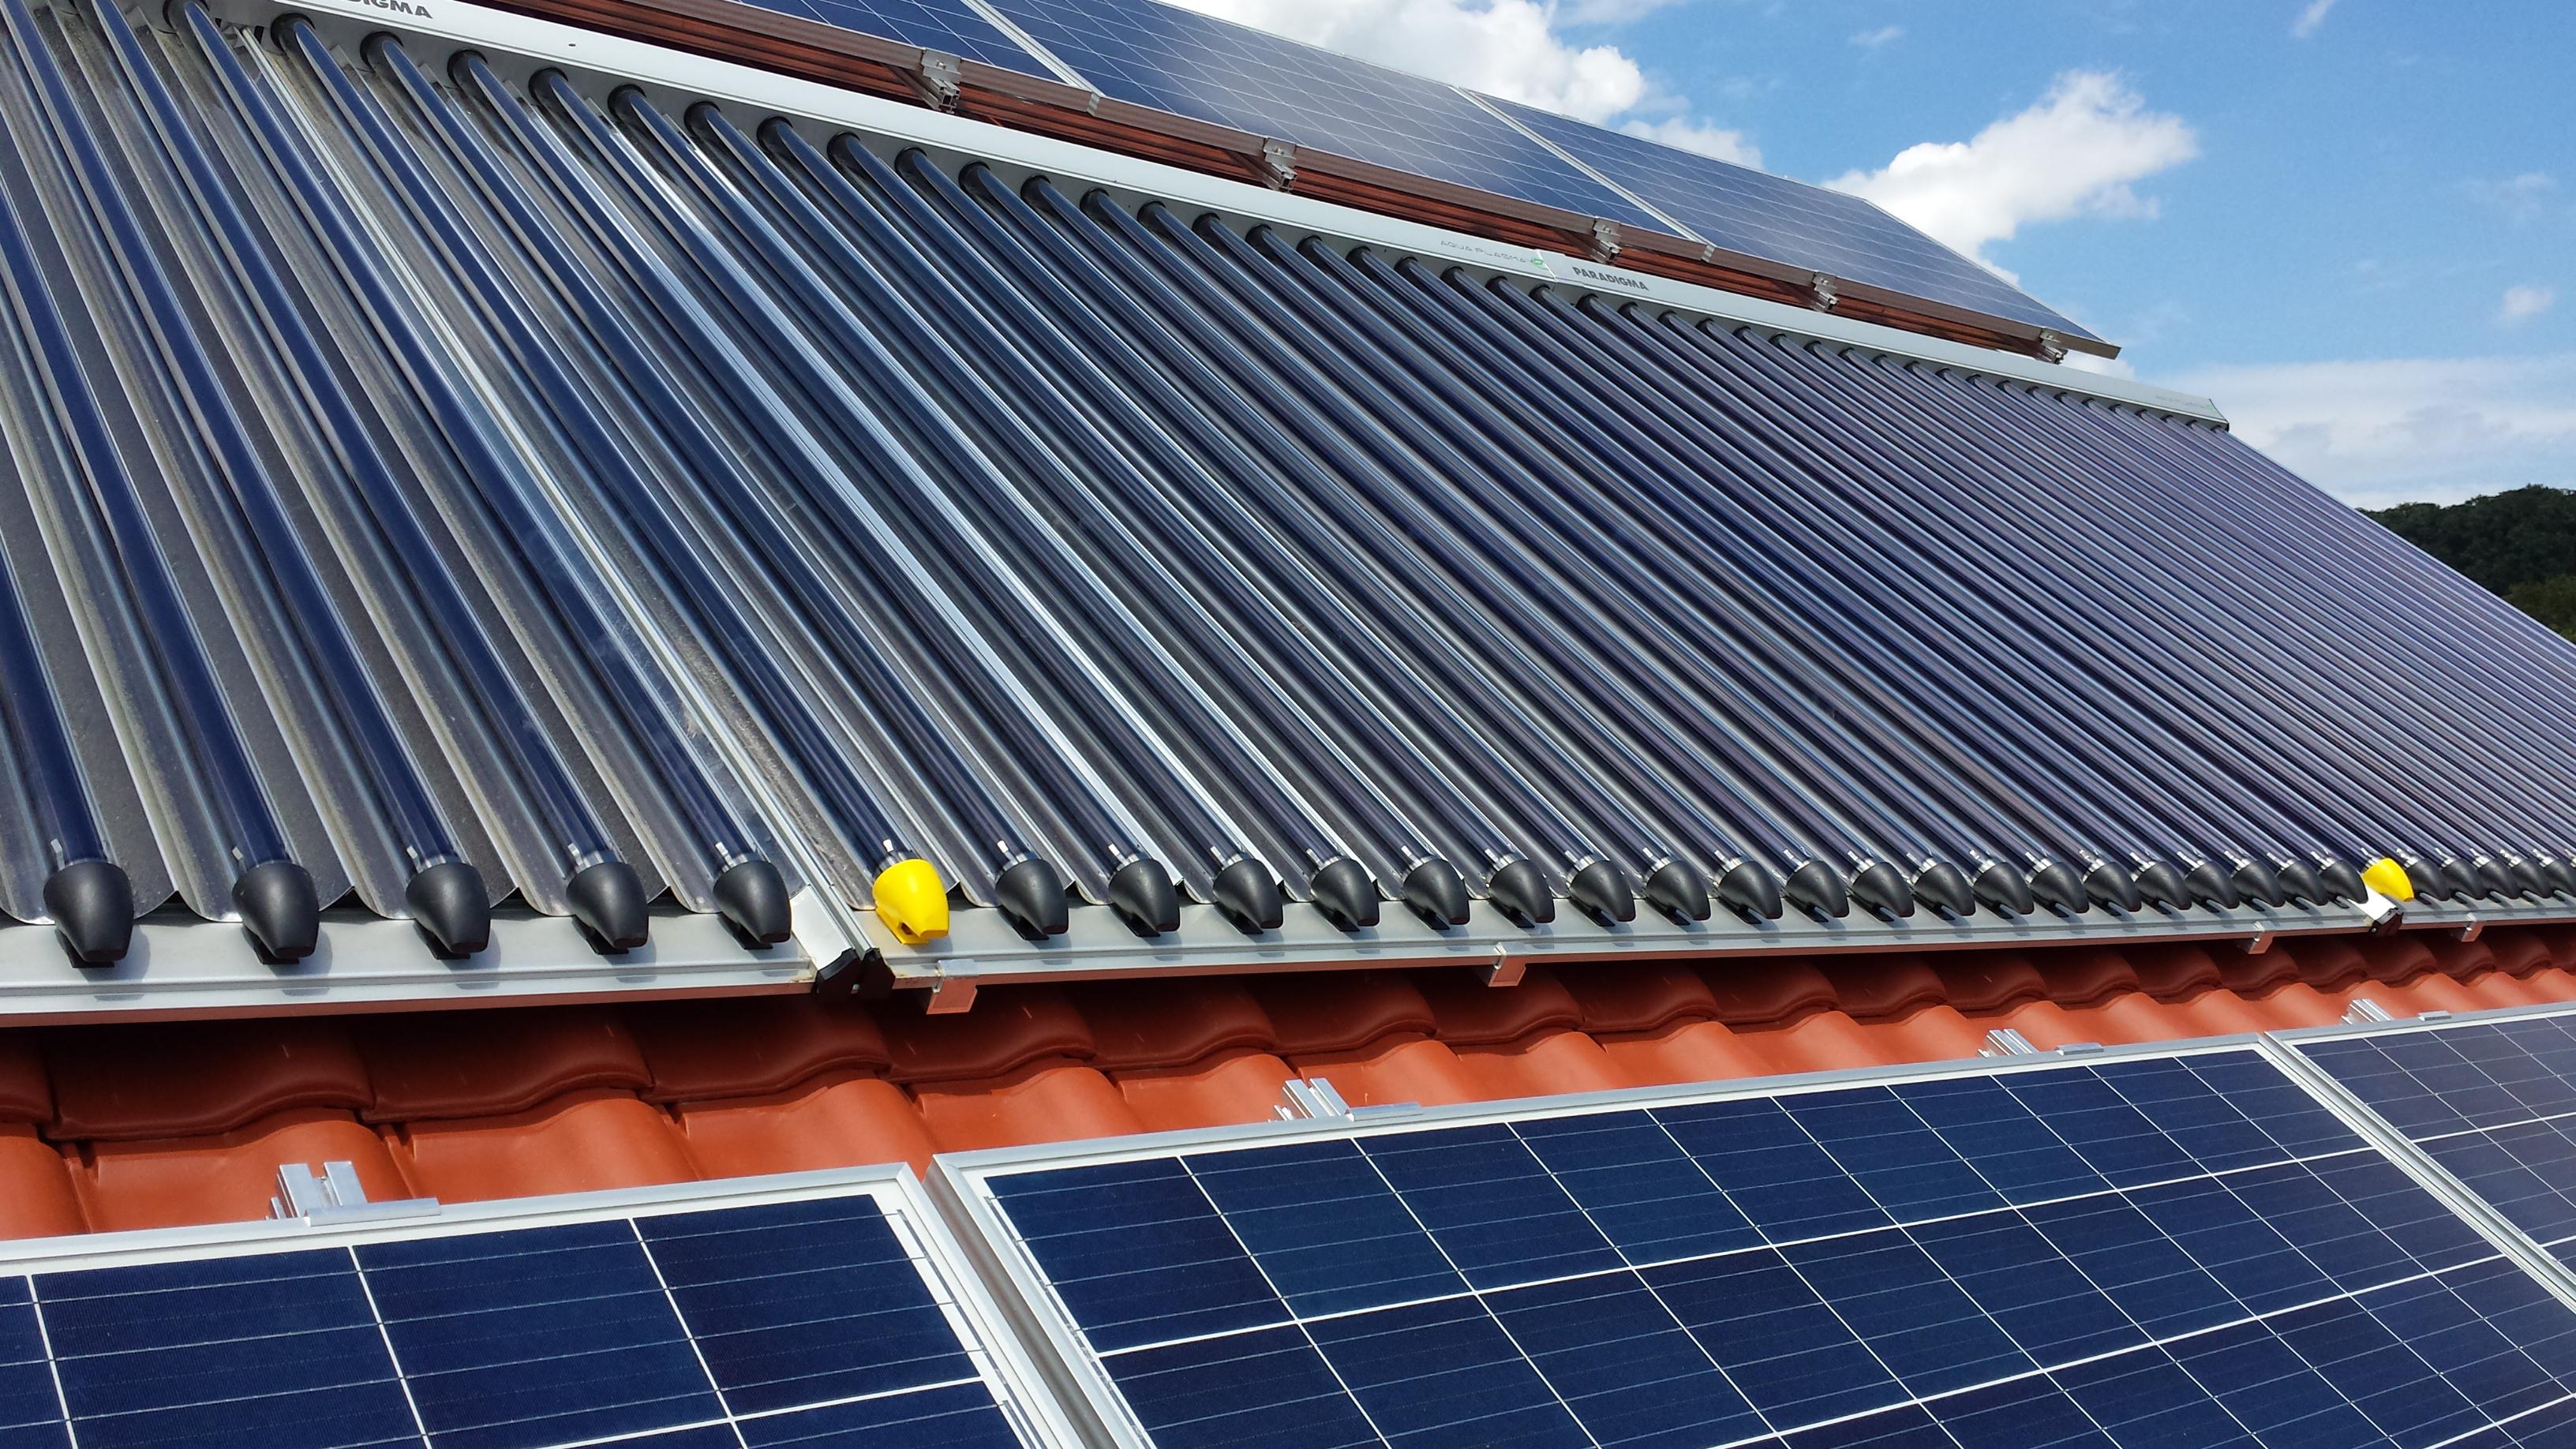 Solarthermie für Warmwasser und Heizung - Heizsysteme Knetzger